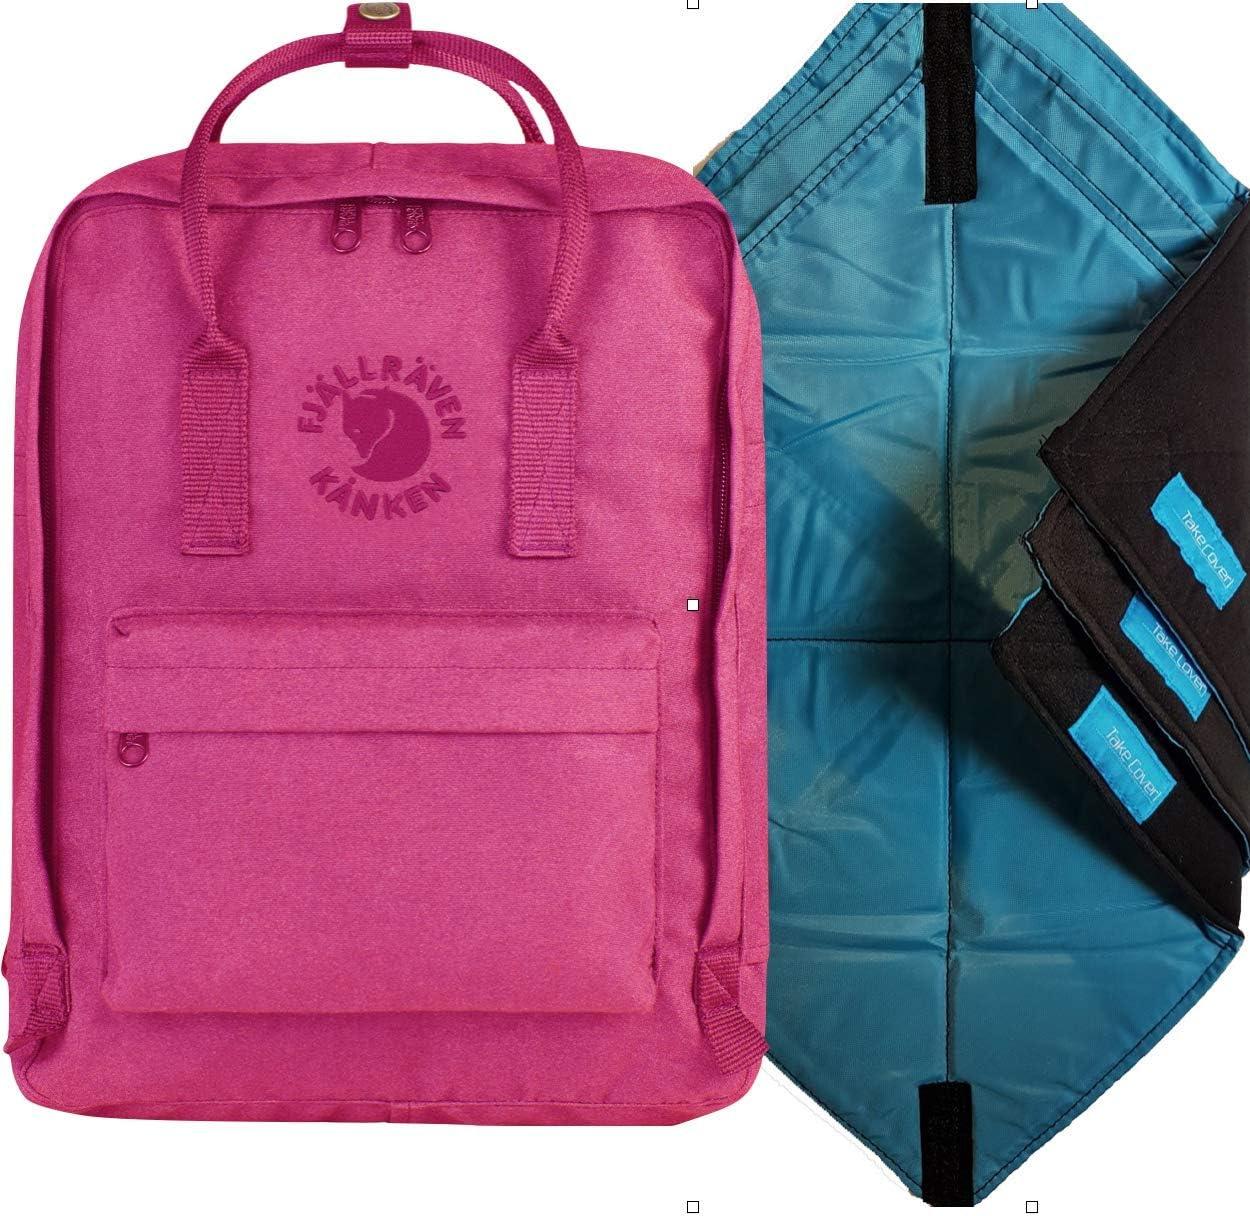 Fj/ällr/även Kanken Imaging Bag with Imaging Insert Red